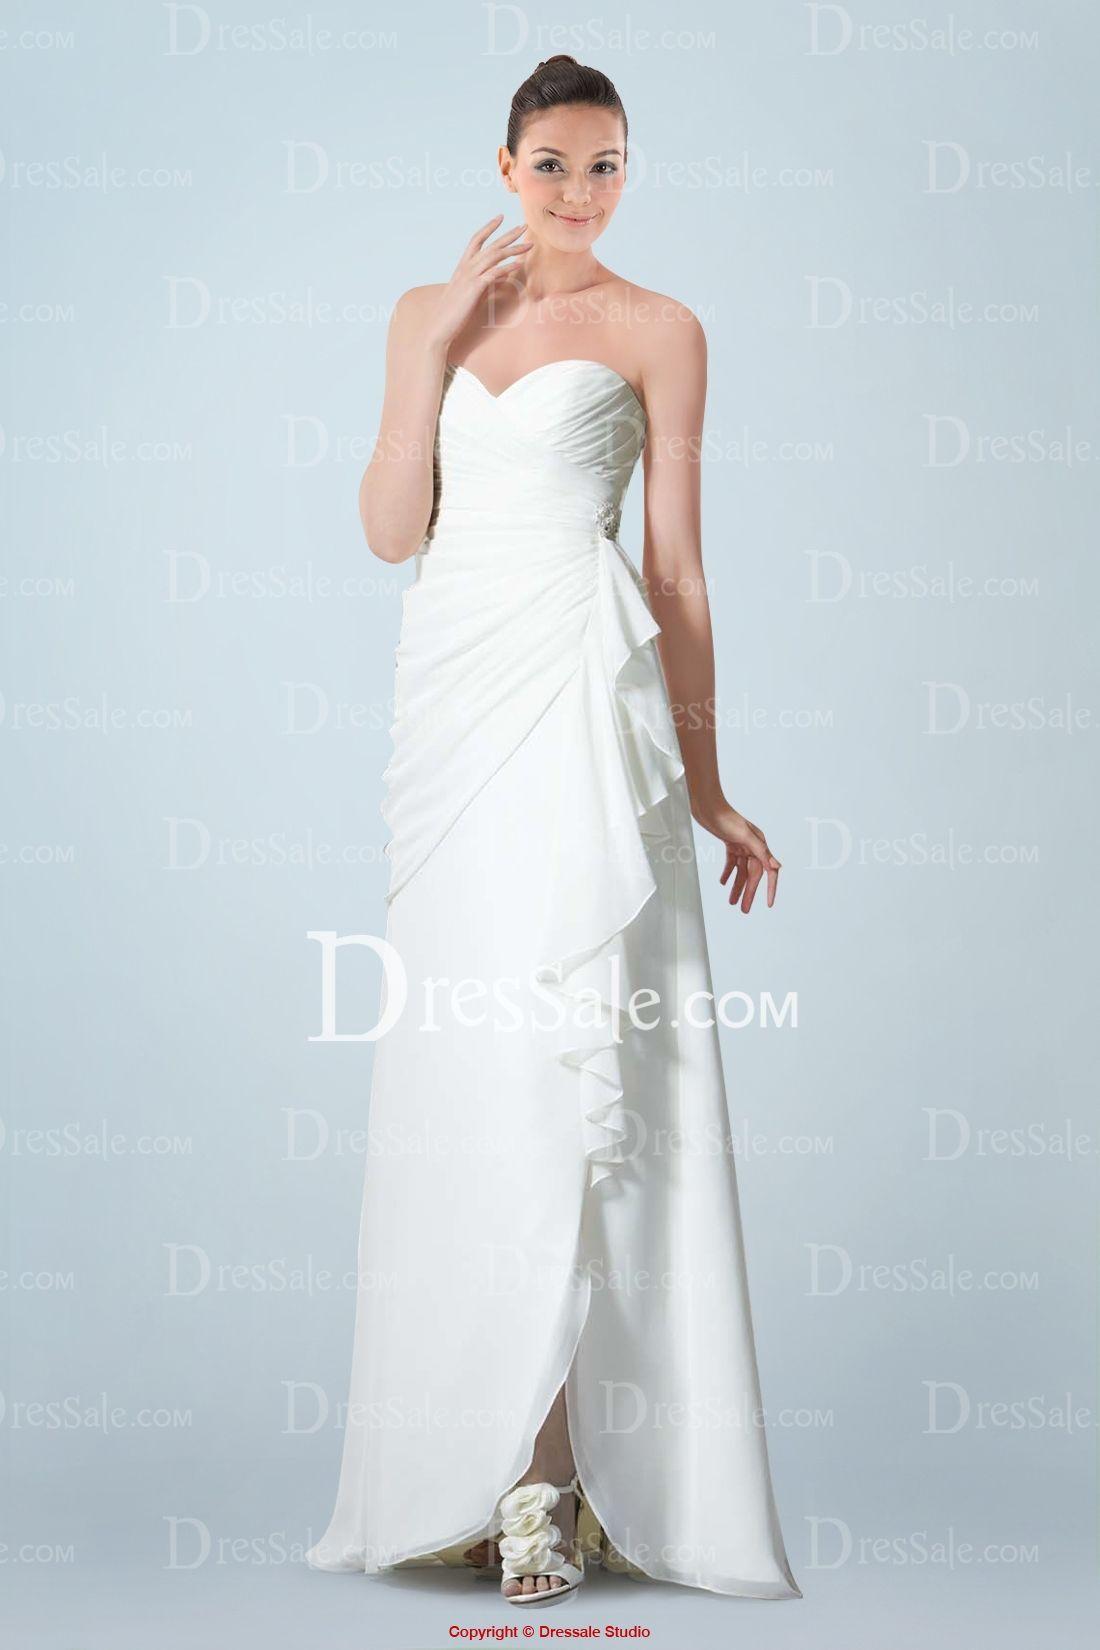 Wedding dresses for a beach wedding  Elegant Sweetheart Chiffon Column Wedding Gown Featuring Feminine